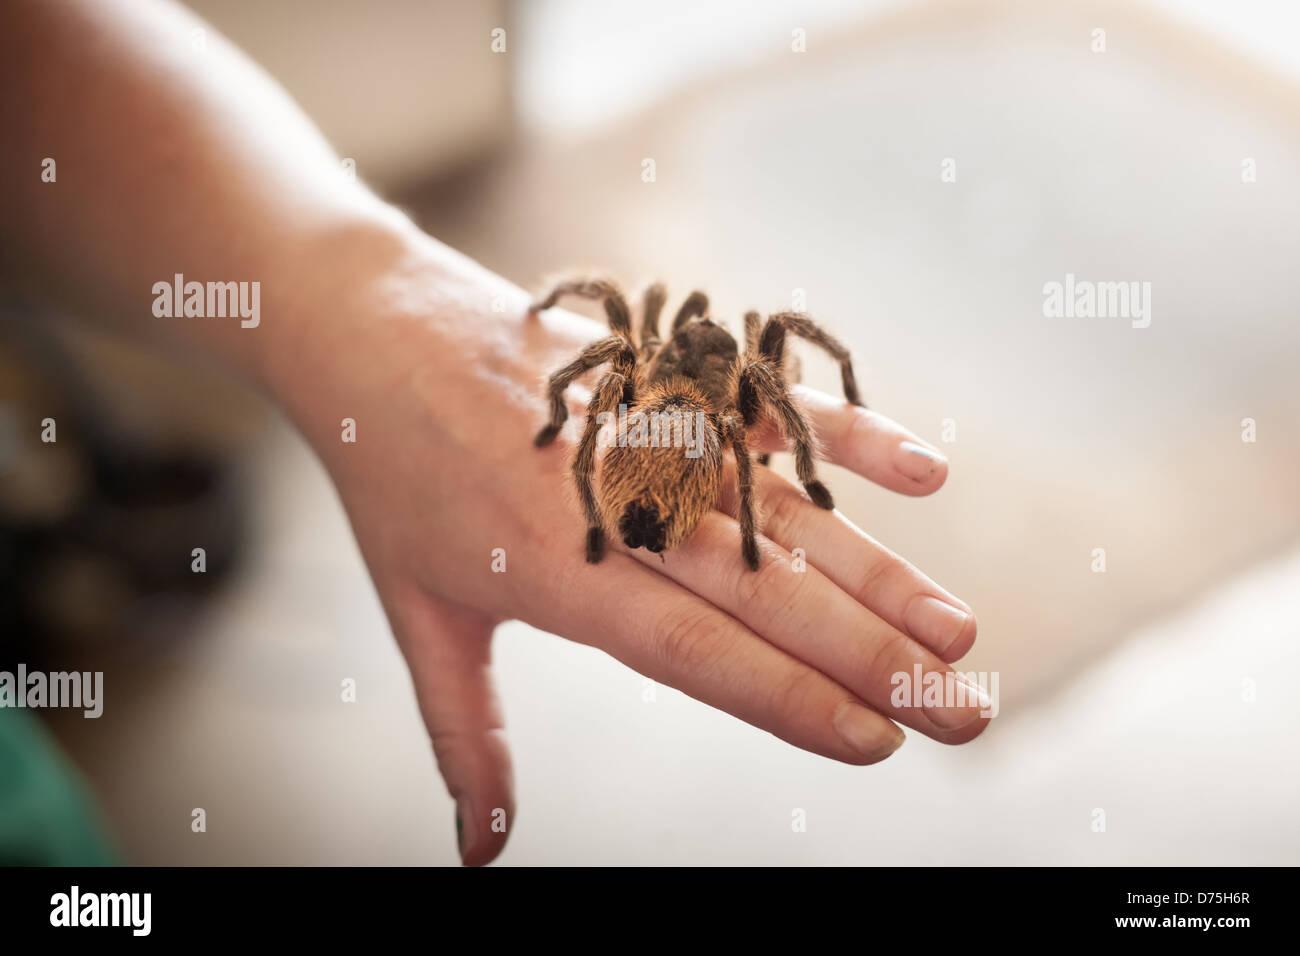 Behaarte braun Haustier Tarantula Spinne sitzt auf einer menschlichen hand Stockbild